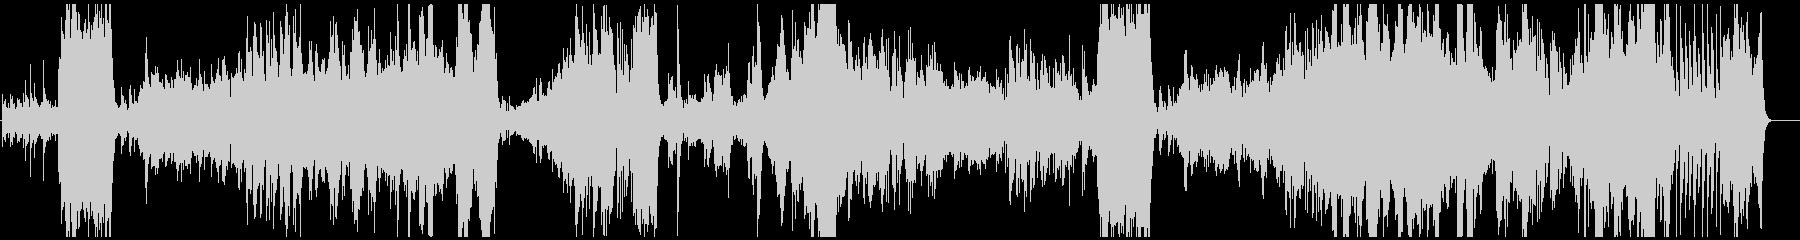 美しく繊細なピアノ・フルート・チェロの未再生の波形